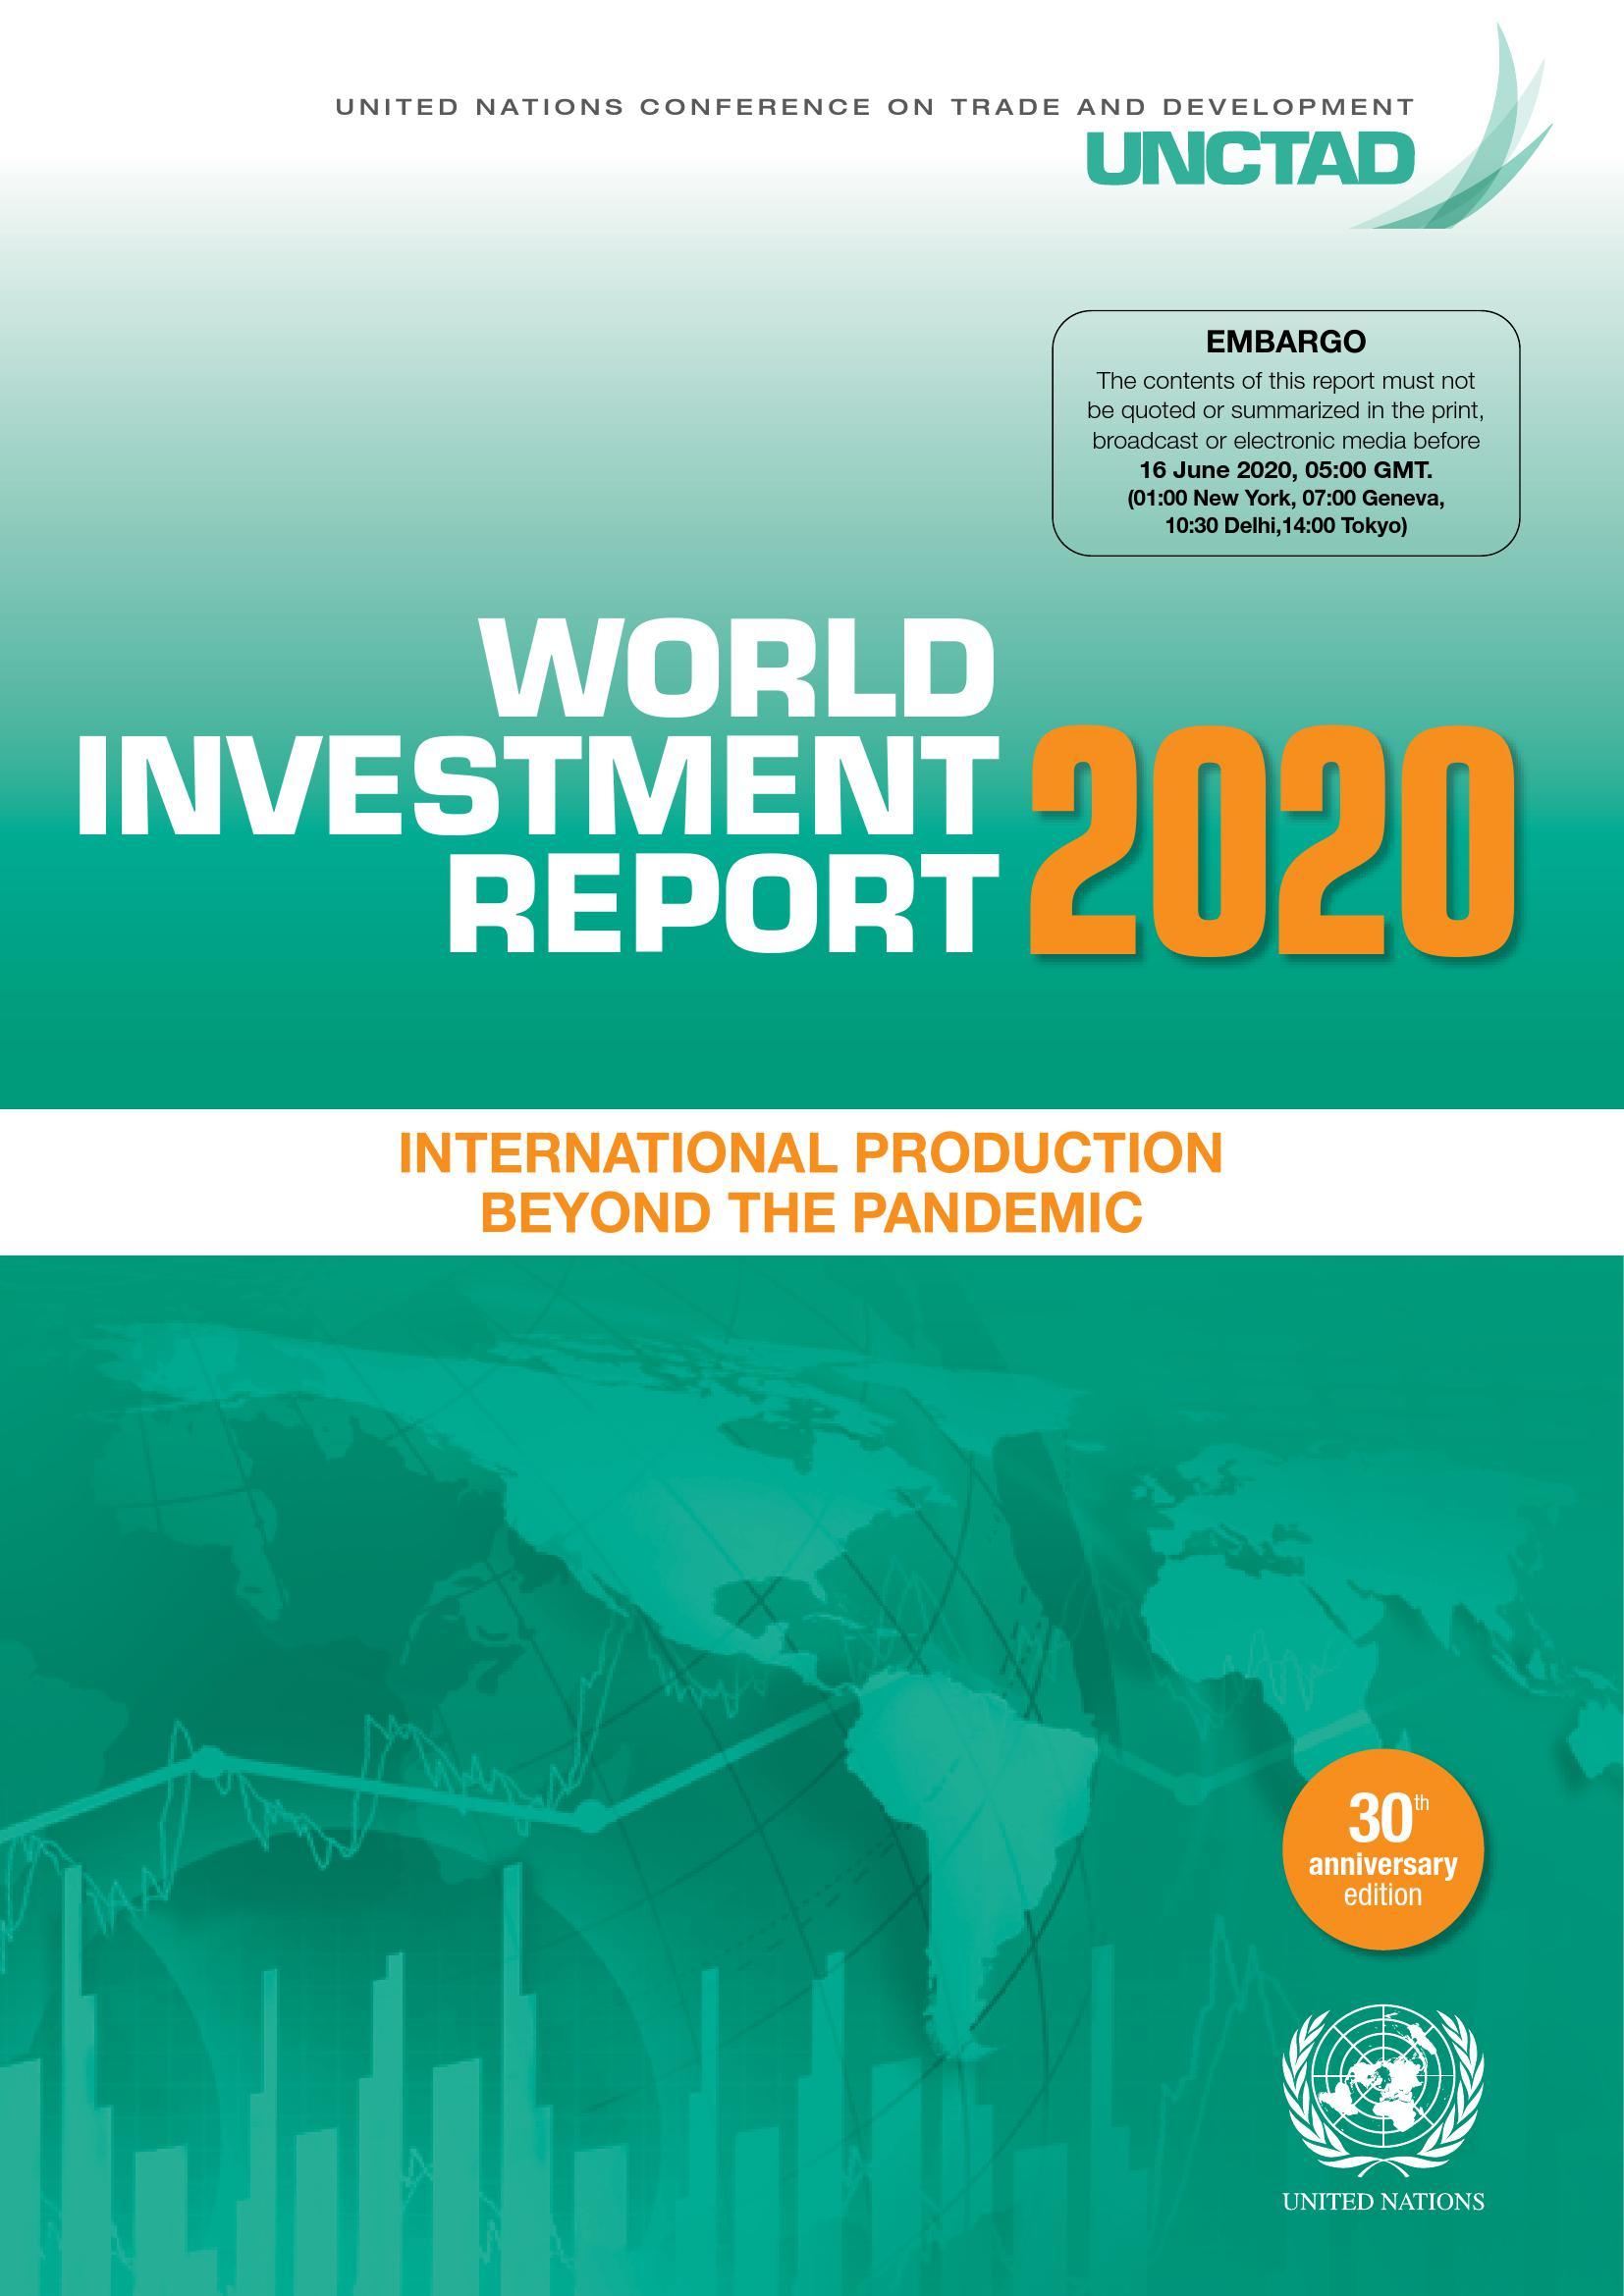 联合国贸易和发展会议:2020年世界投资报告(268页)